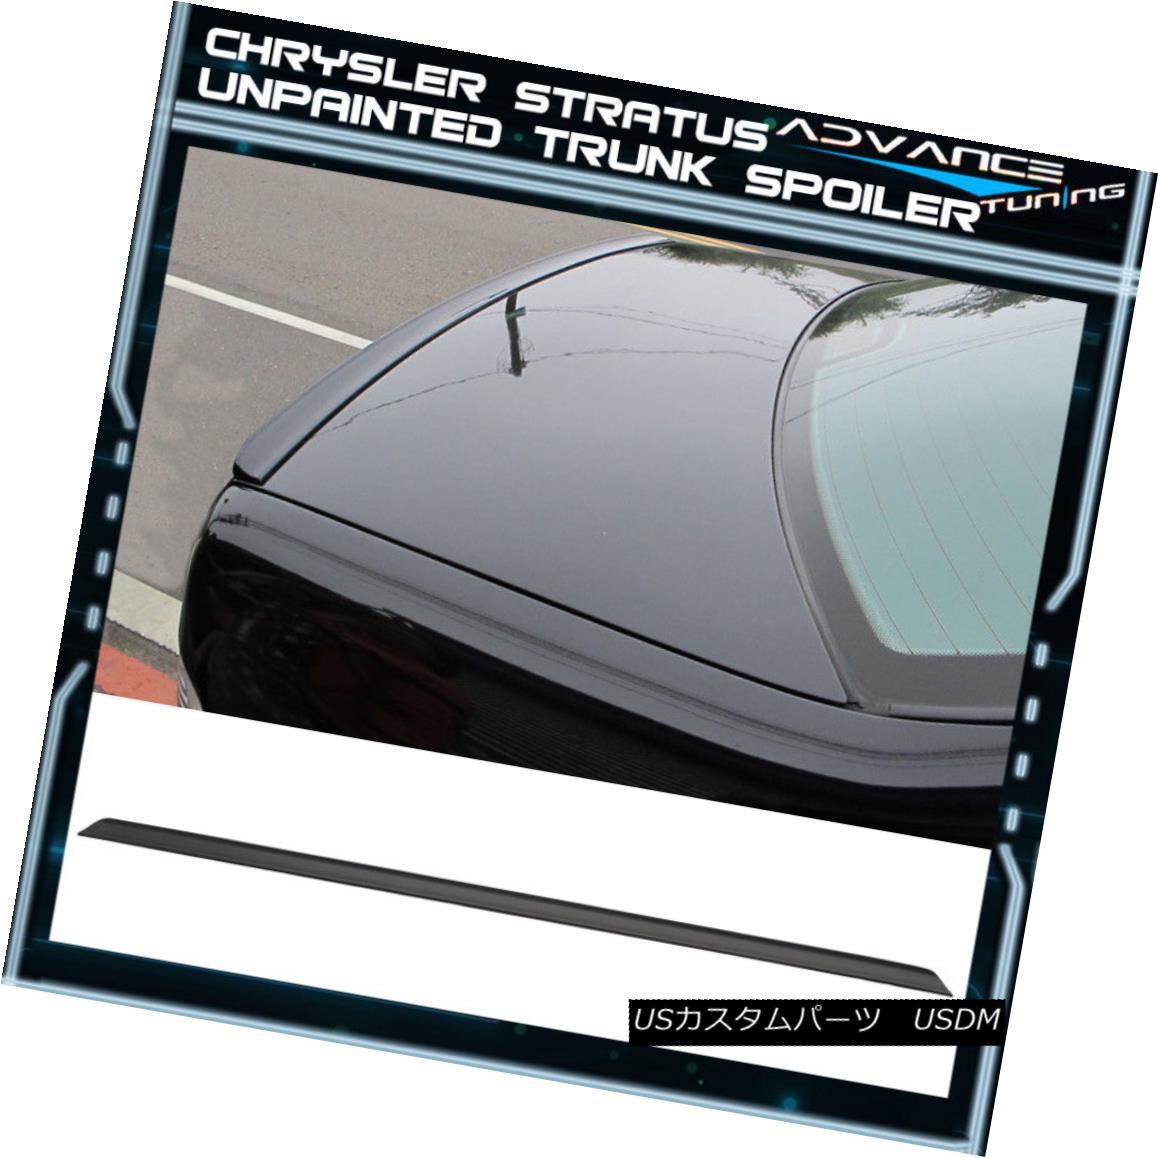 素晴らしい品質 エアロパーツ 95-00 Chrysler Stratus BJ PV Style Unpainted Black Trunk Spoiler - PUF 95-00クライスラーストラタスBJ PVスタイル未塗装ブラックトランク・スポイラー - PUF, HEART OF WINE 6b164524